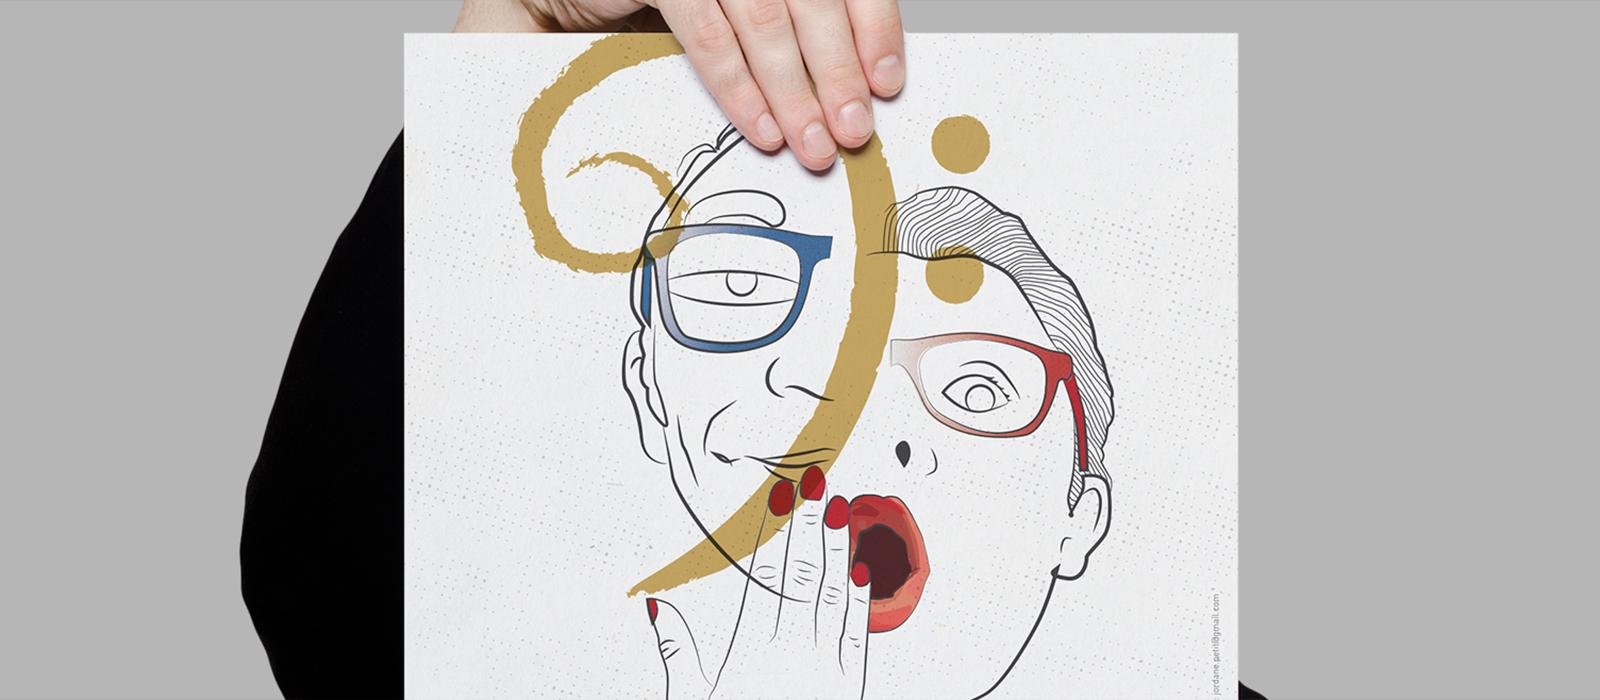 Affiche réalisée pour le spectacle Reetmic.fr